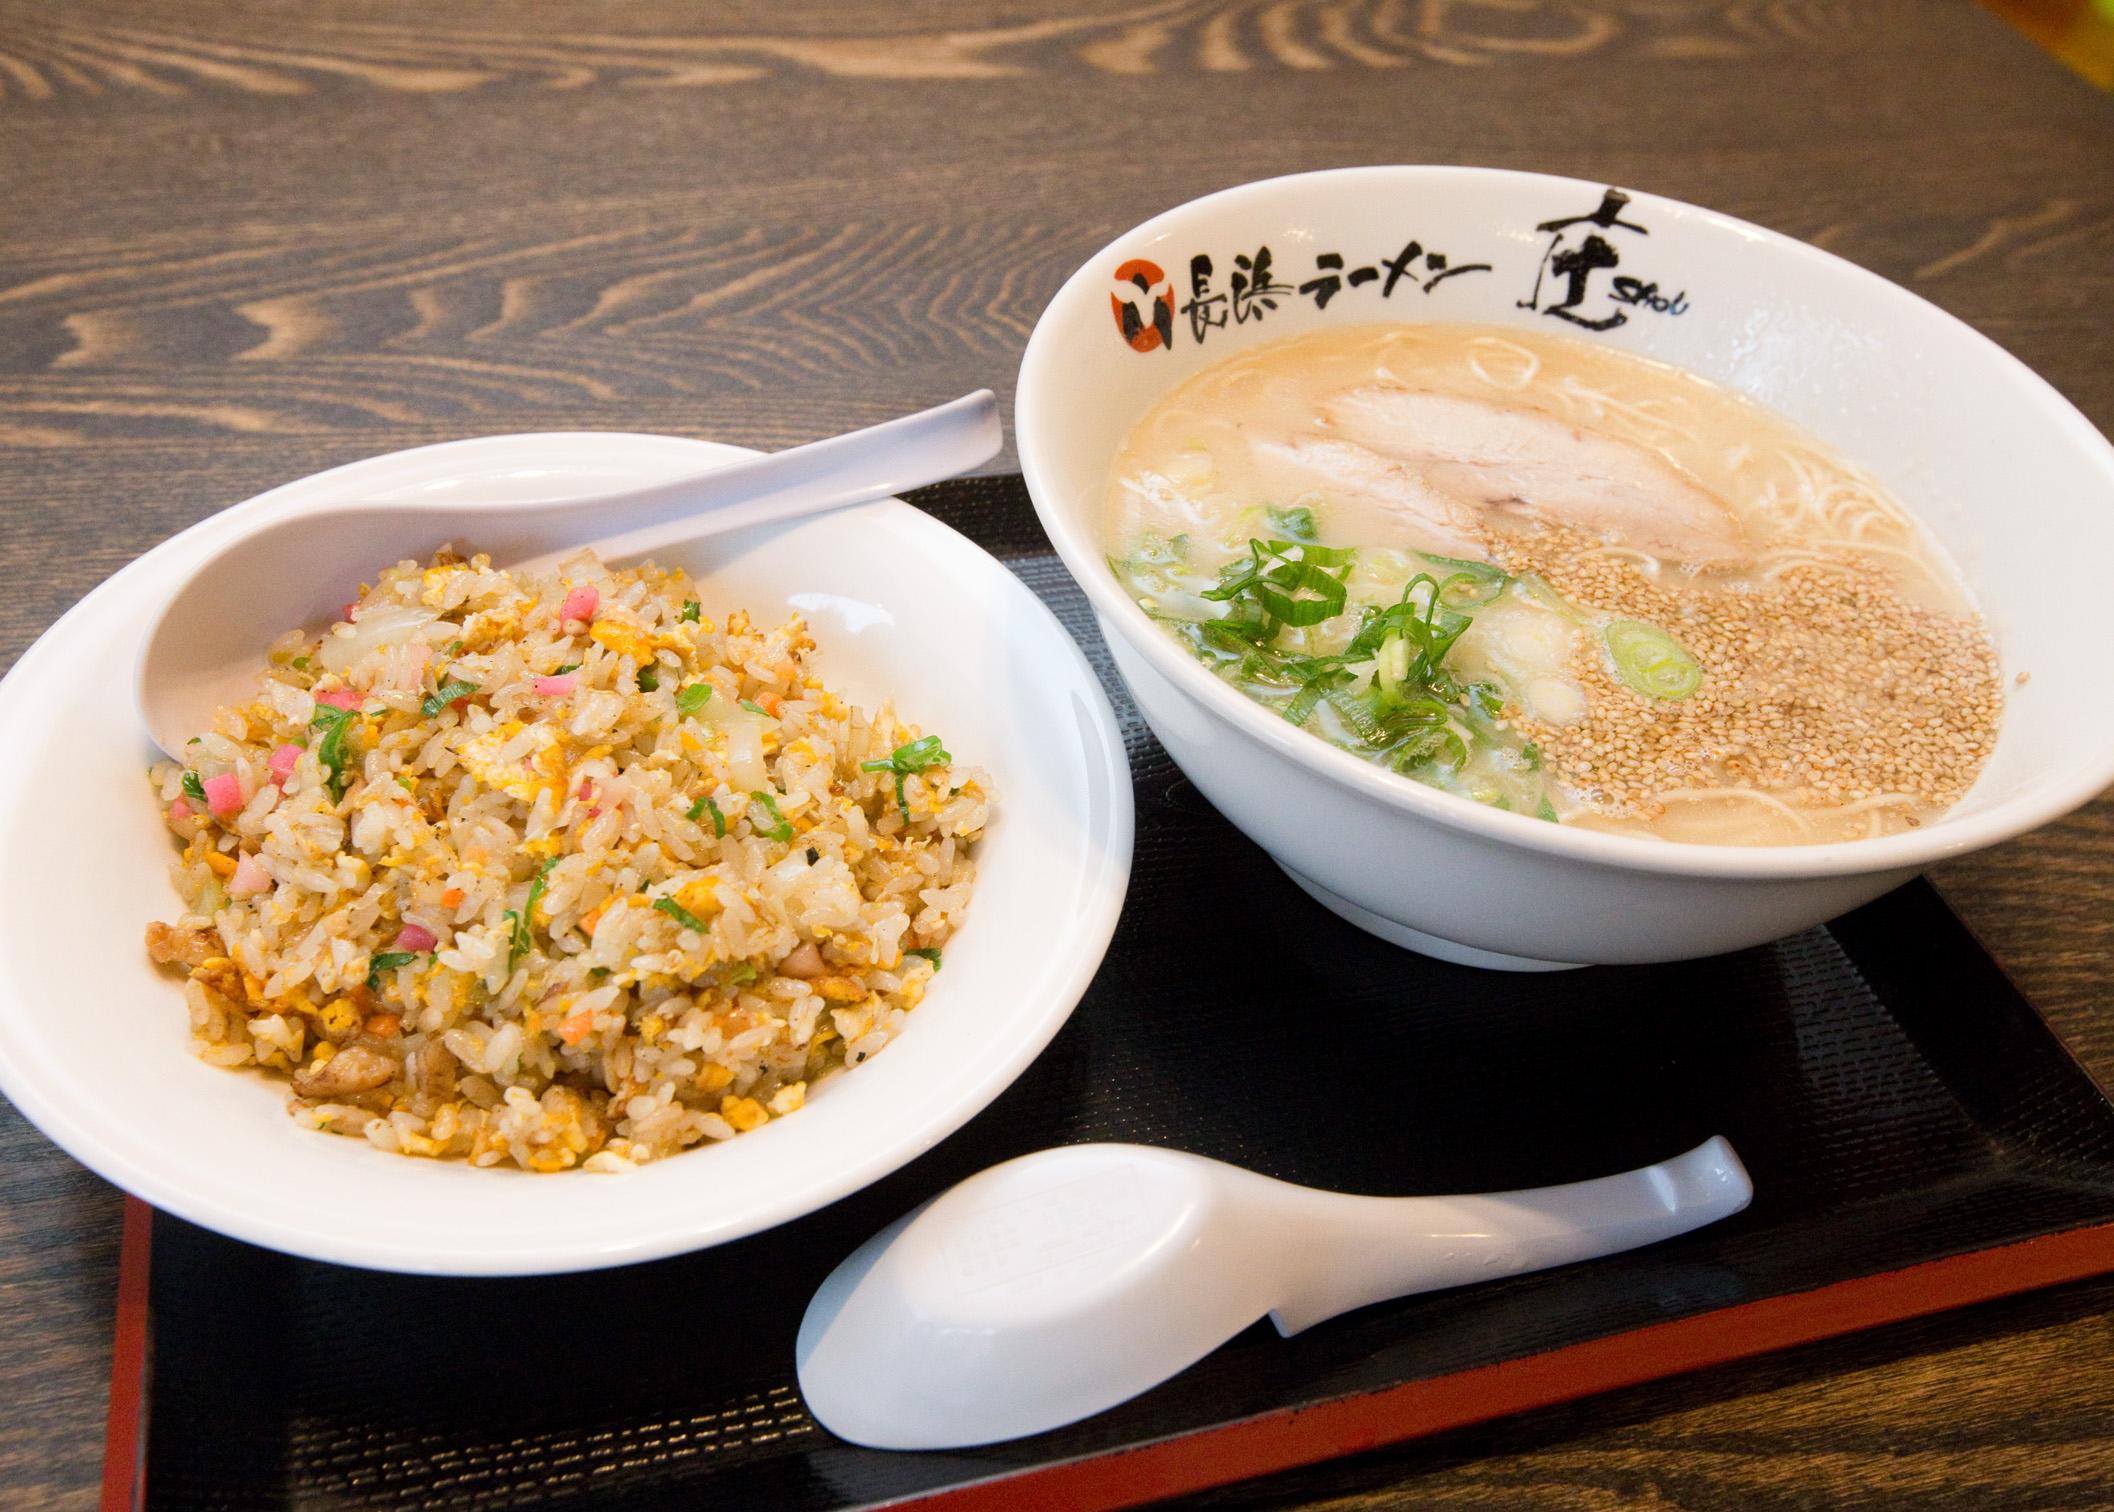 スープはあっさりとした口当たり。麺はコシと甘みのある歯切れのよい食感。ランチ限定でお得なセットメニューもあります。